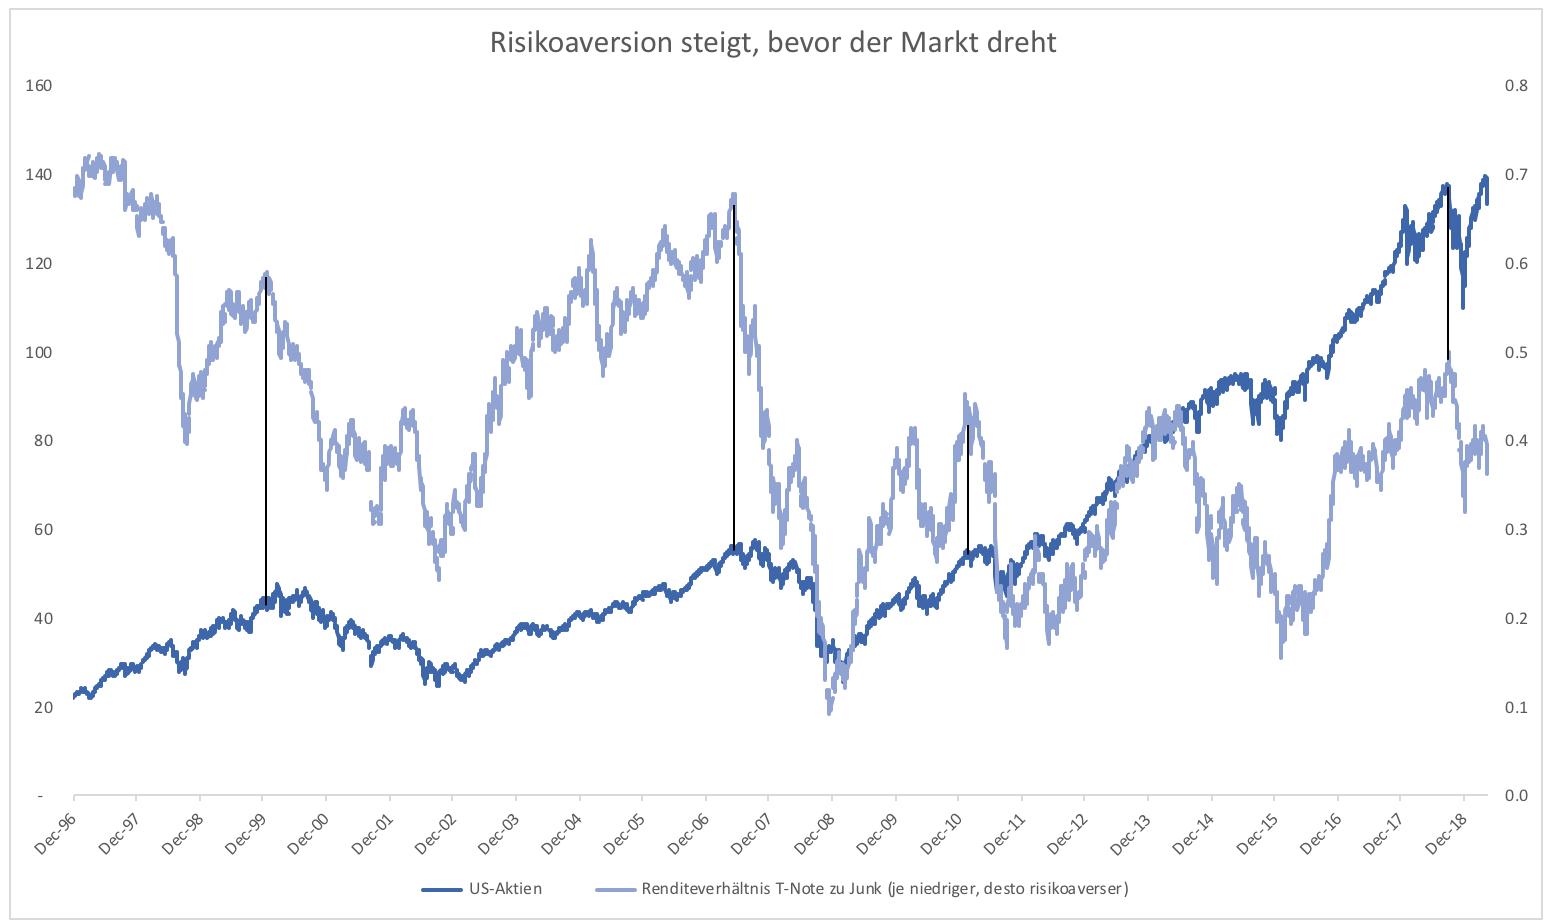 Aktienmarkt-Korrekturfortsetzung-wird-immer-wahrscheinlicher-Kommentar-Clemens-Schmale-GodmodeTrader.de-1